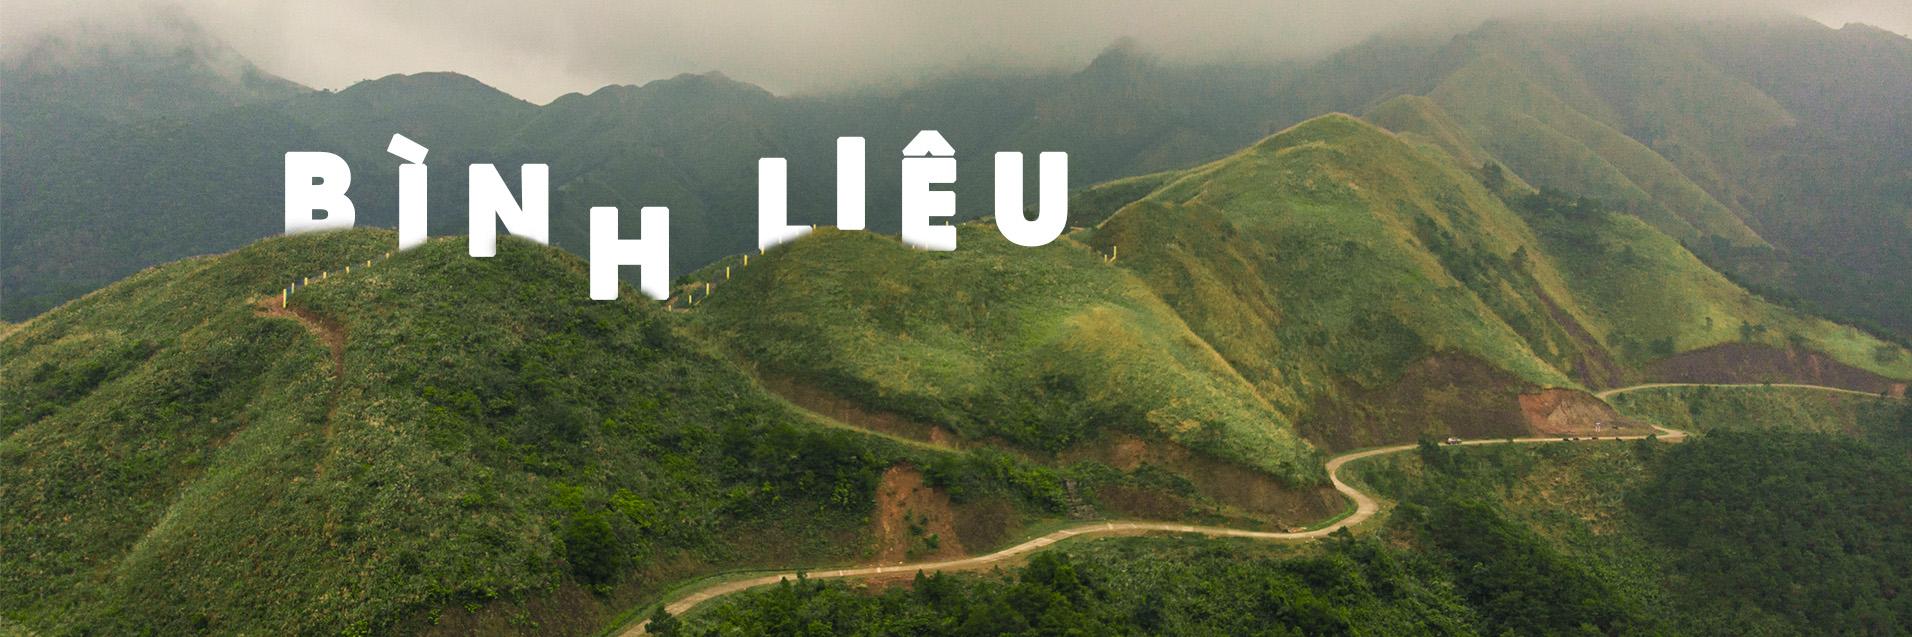 https://gody.vn/blog/vuvanco.vg.hd2512/post/binh-lieu-ve-dep-noi-bien-gioi-7790